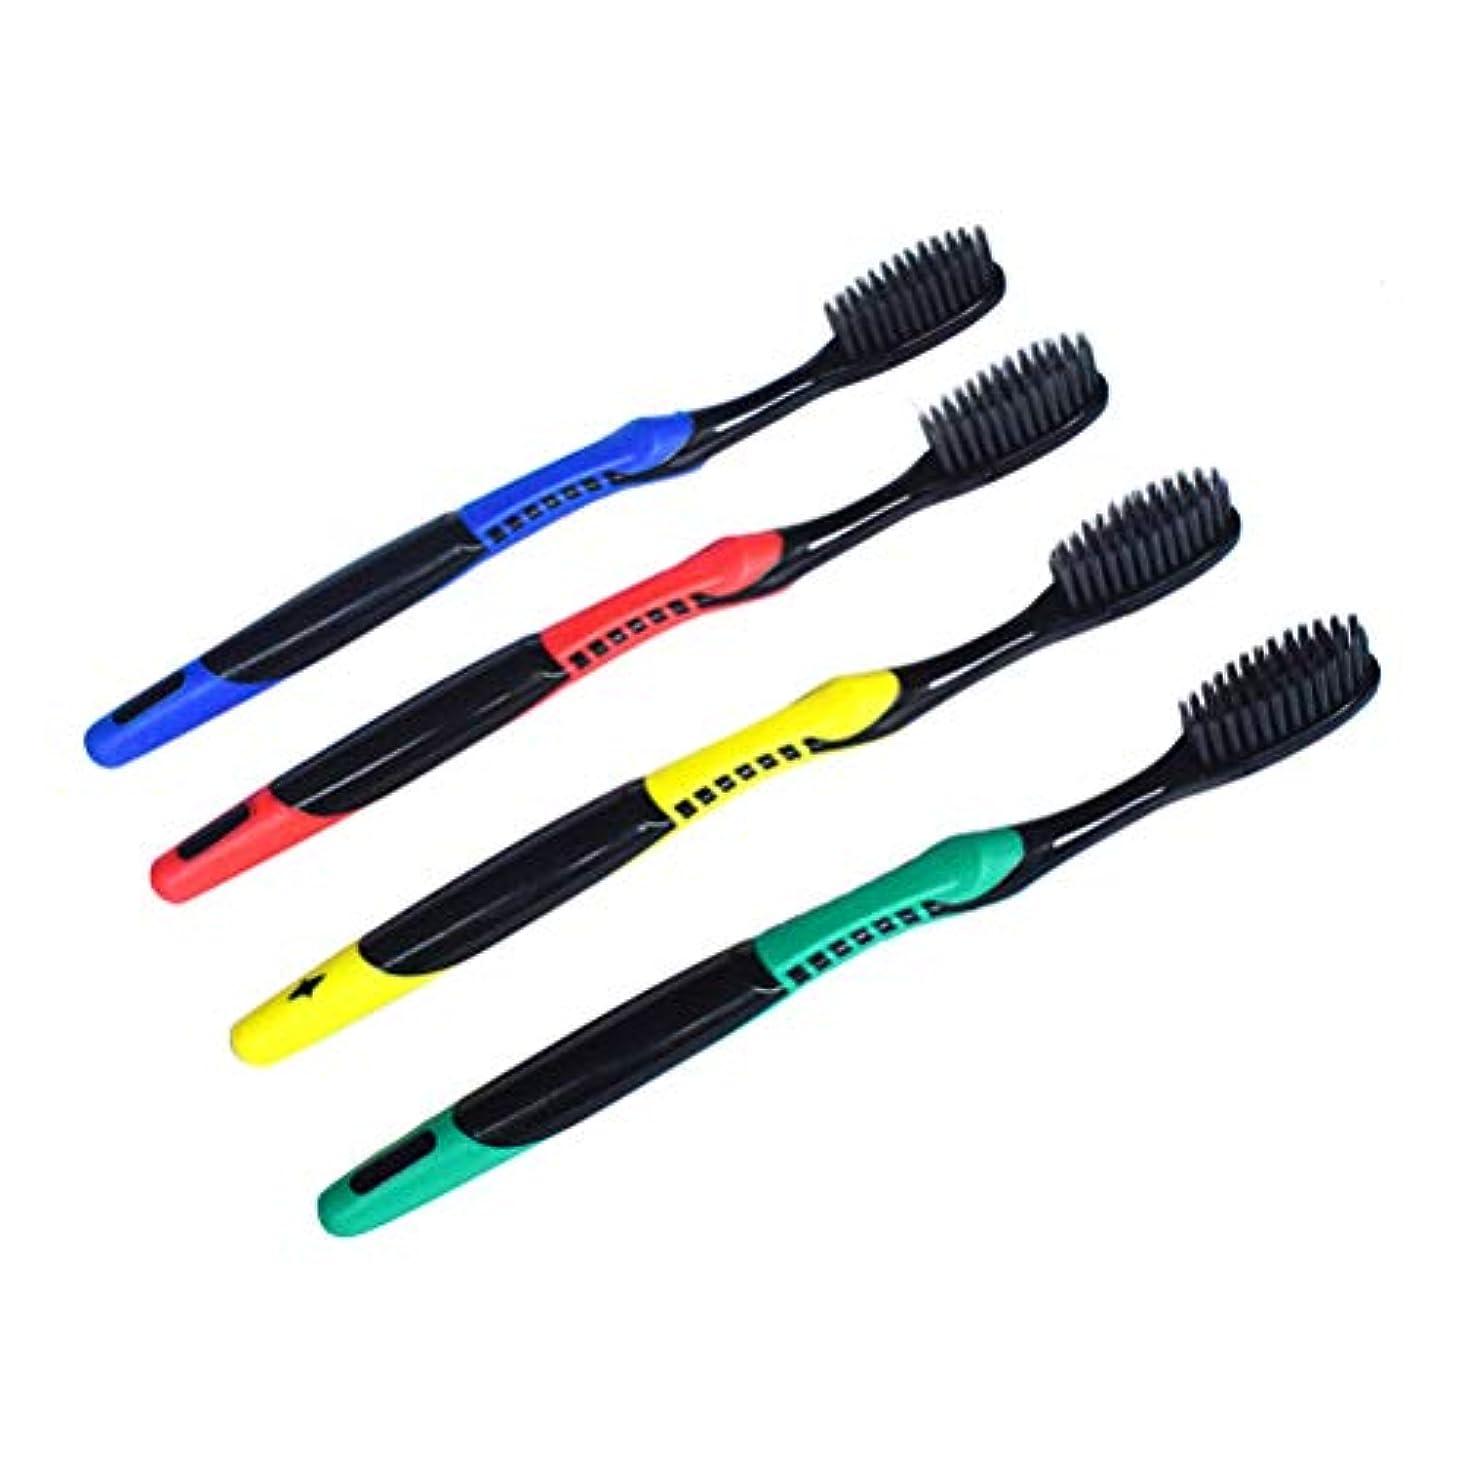 ワイプまたタイルHealifty 家庭用電車旅行用ソフト環境に優しい歯ブラシ8PC竹炭パッパス歯ブラシ(混色)